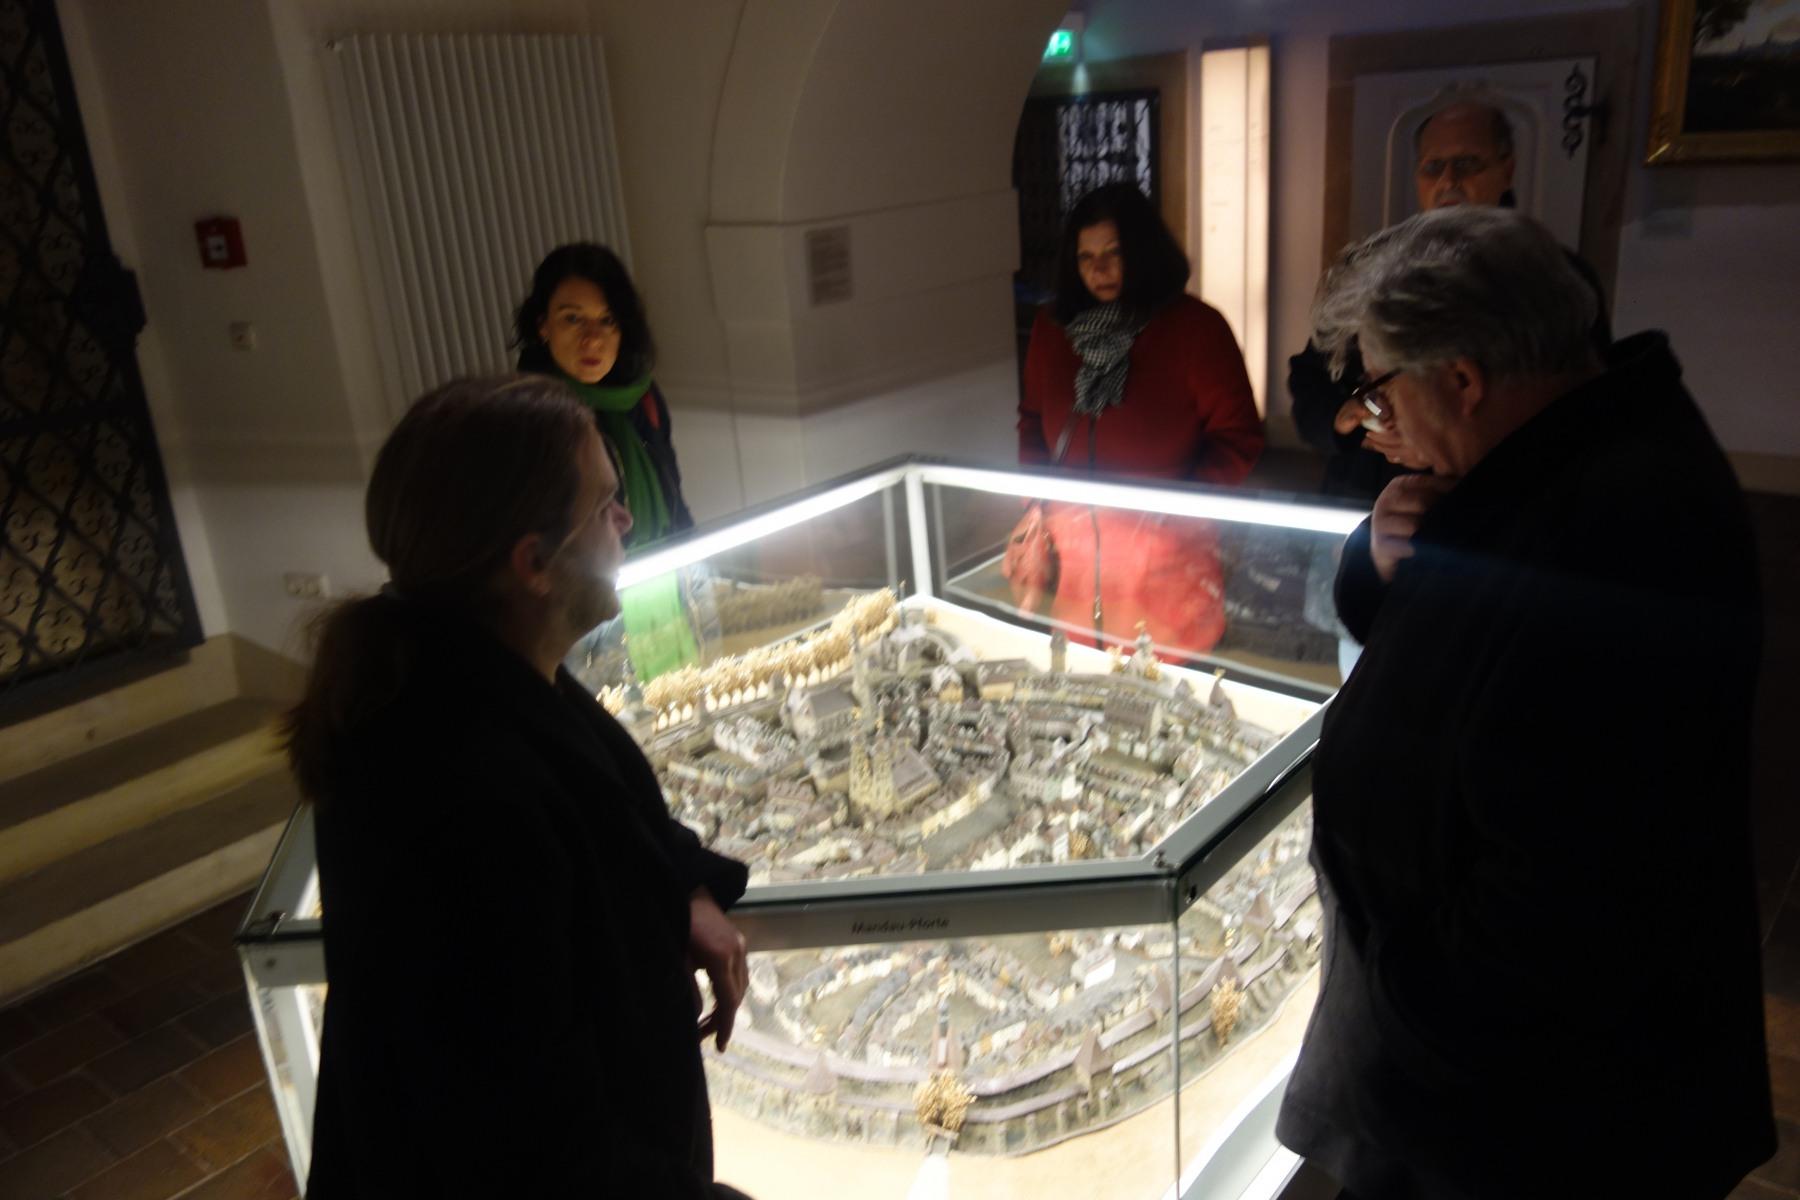 Besuch im Stadtmuseum, das in einem alten Franziskanerkloster beheimatet ist.  Zittau war im Mittelalter die zweigrößte Stadt Sachsens und erwarb seinen Reichtum durch die Produktion und den Handel mit Feinleinen und Damast.